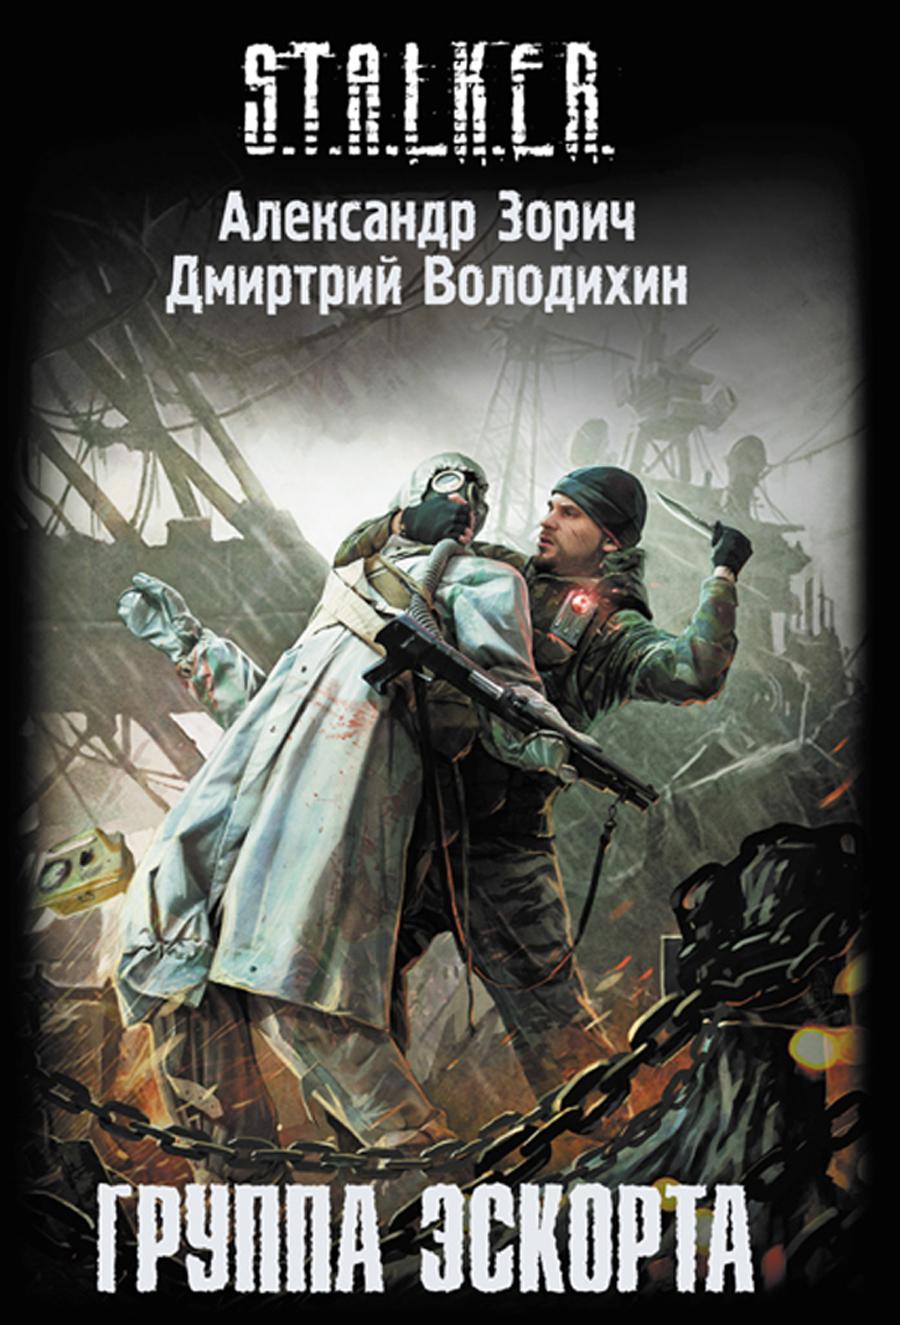 Книги алексей сергеевич колентьев скачать бесплатно